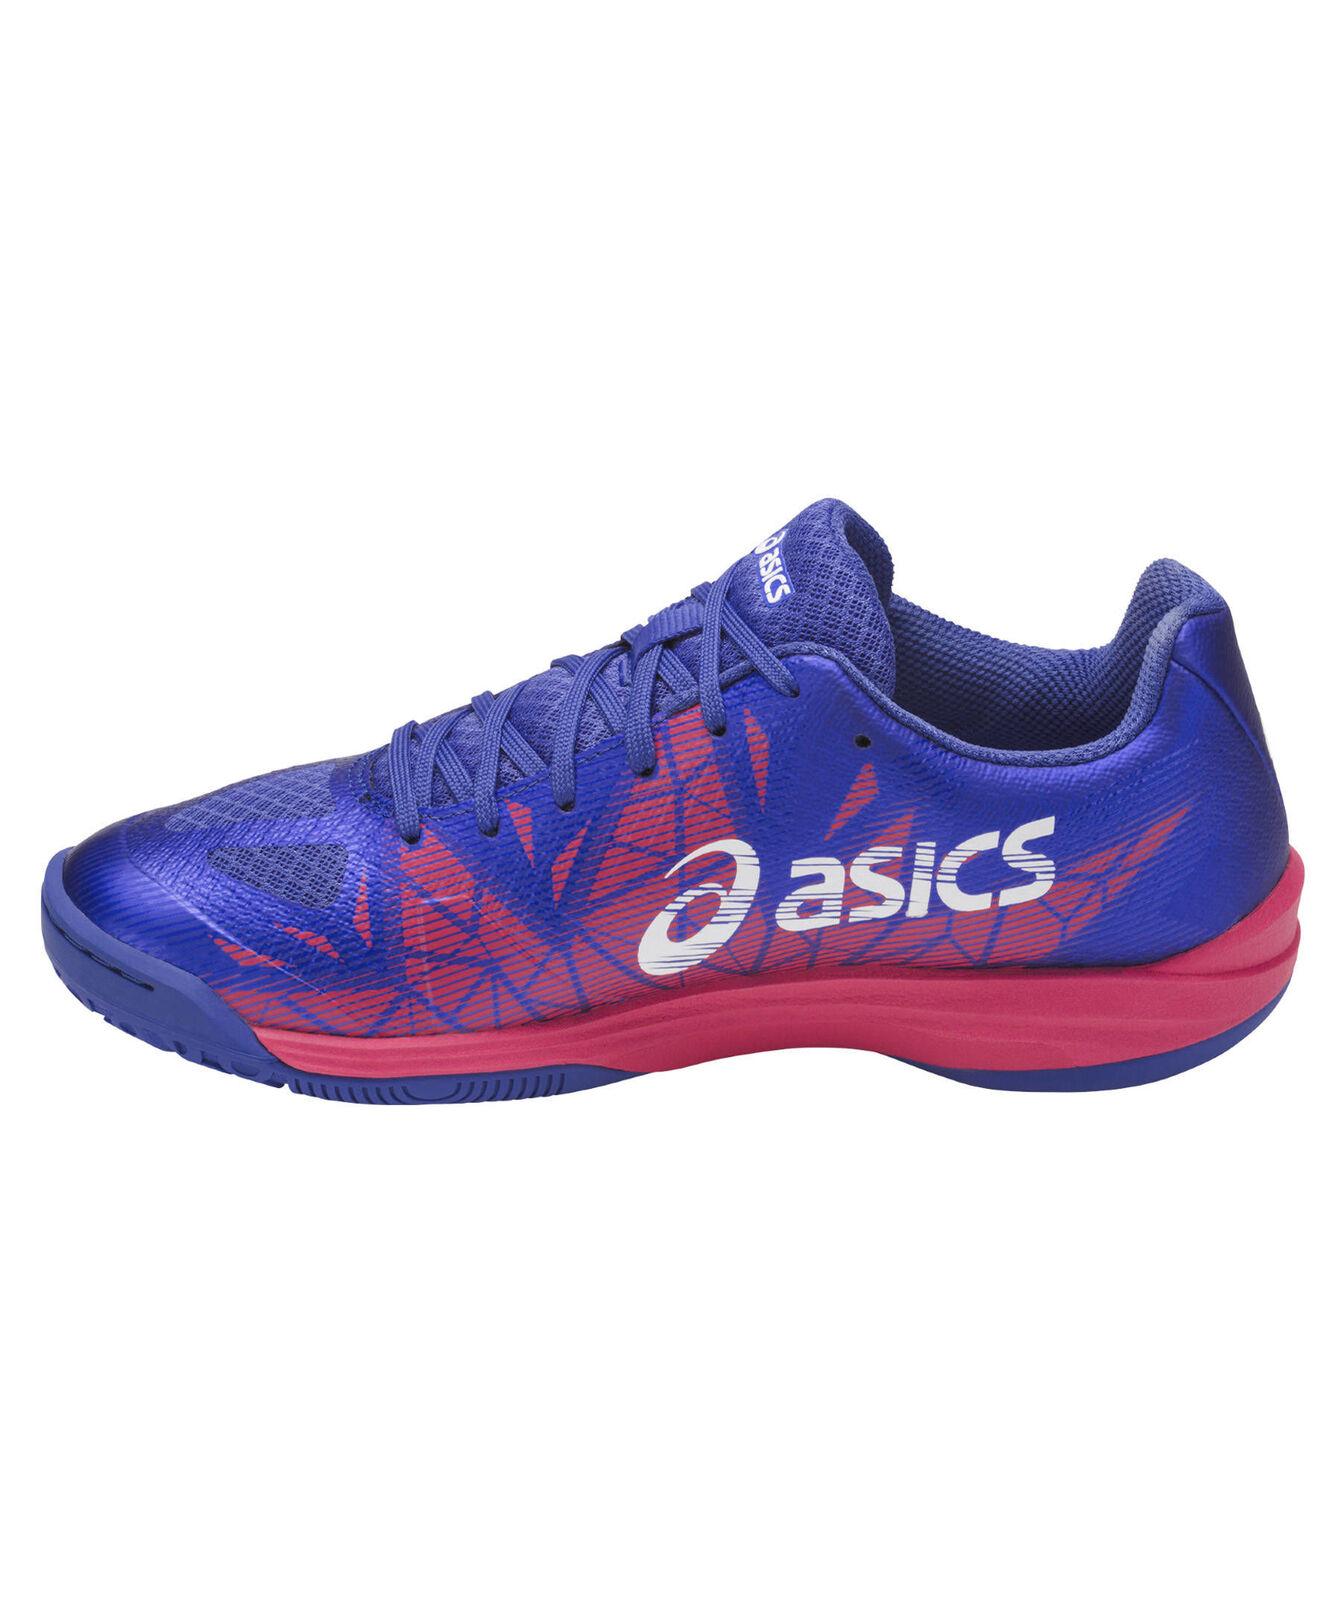 Asics Damen Handballschuhe   Hallenschuhe    Gel-Fasball3  NEU cd5583